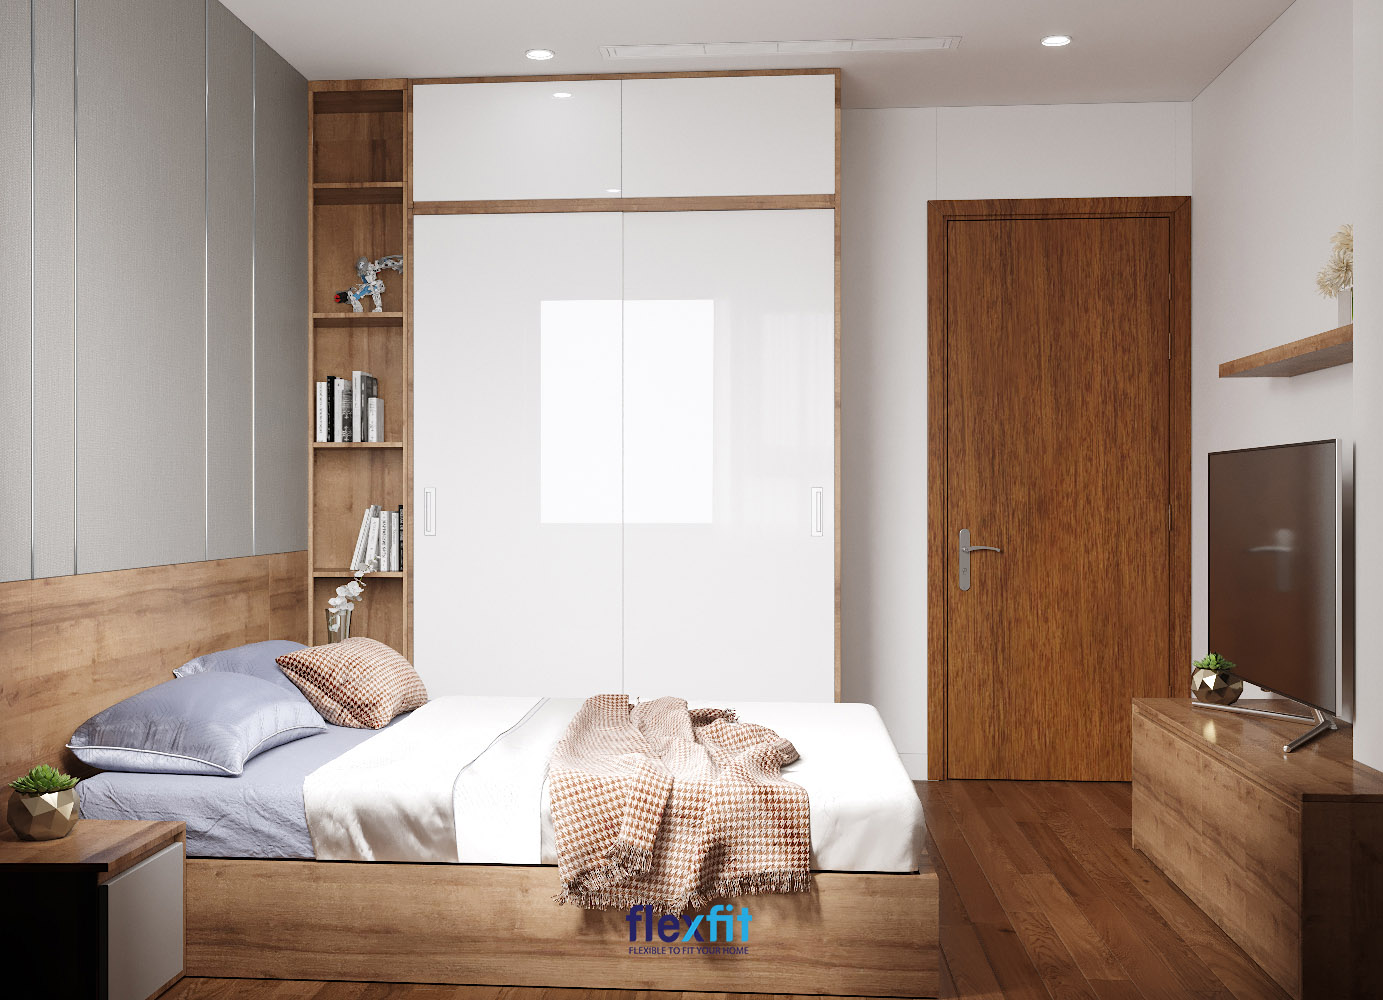 """Tủ quần áo 2 cánh 2 buồng được phủ lớp Acrylic trắng kết hợp cùng màu gỗ trầm sang trọng. Bề mặt bóng của tủ giúp """"đánh lừa"""" thị giác, tạo cảm giác thoáng đãng, rộng rãi hơn cho căn phòng."""